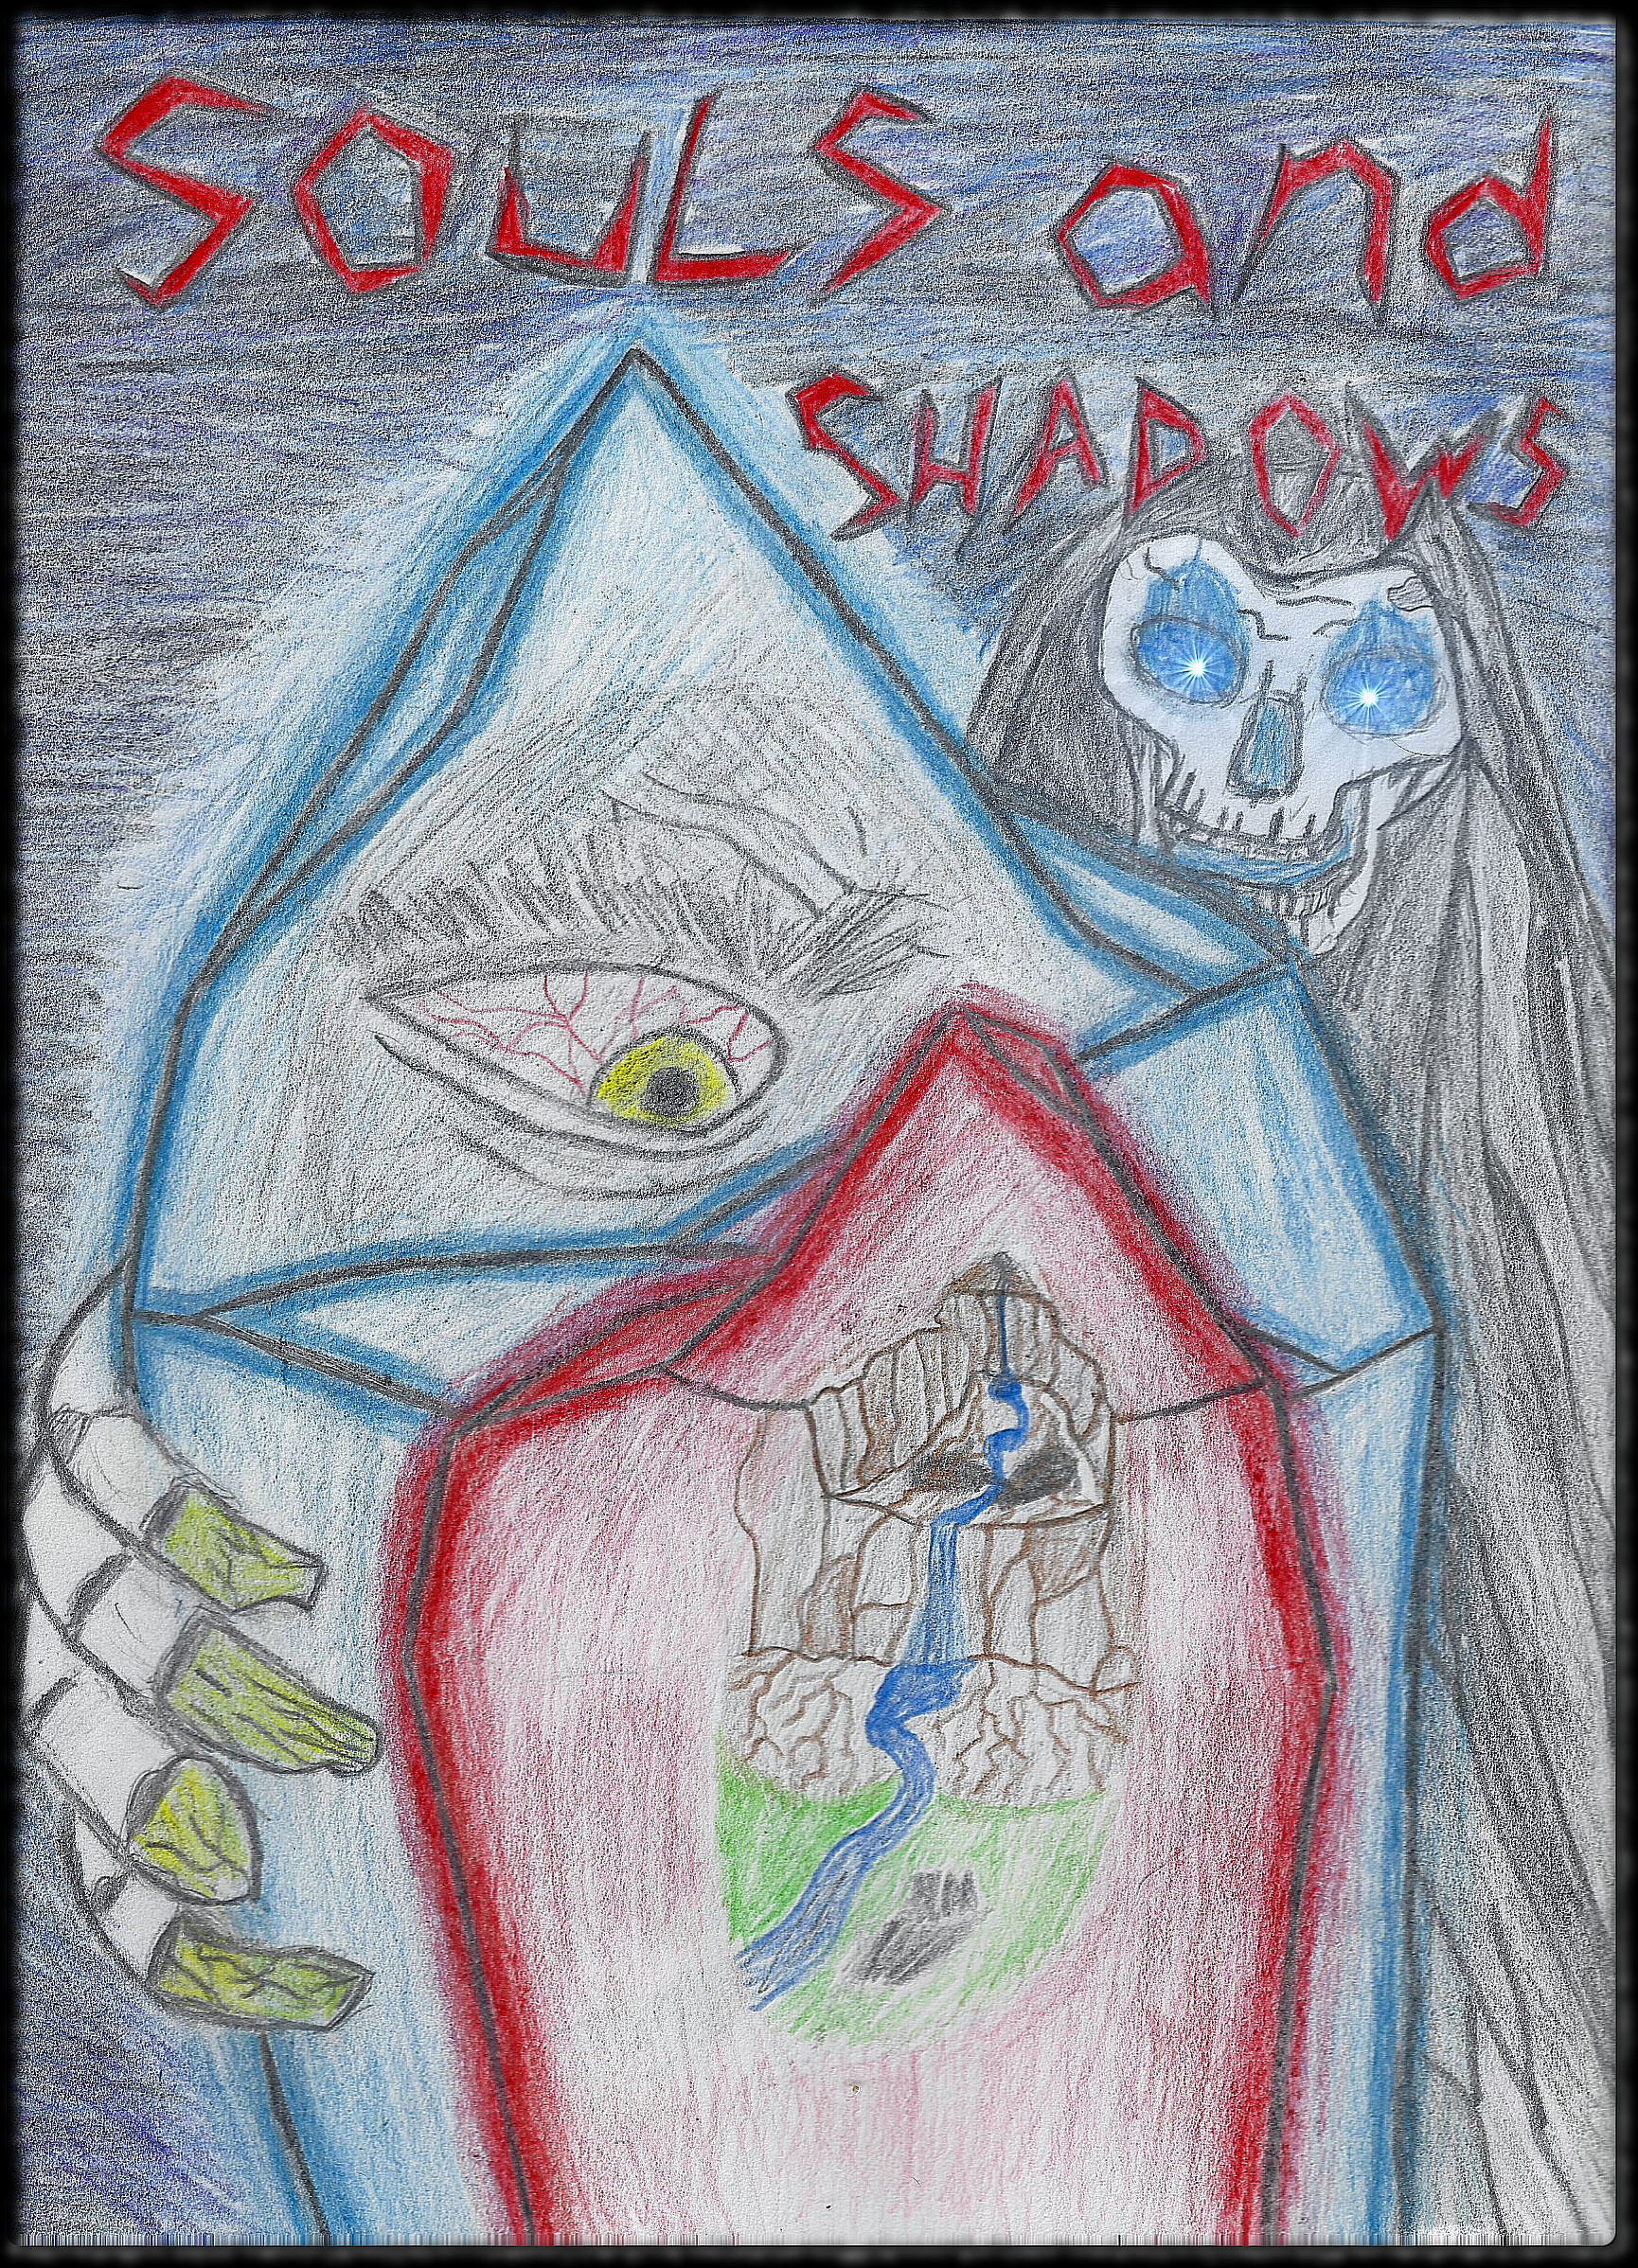 Souls_and_Shadows3.jpg